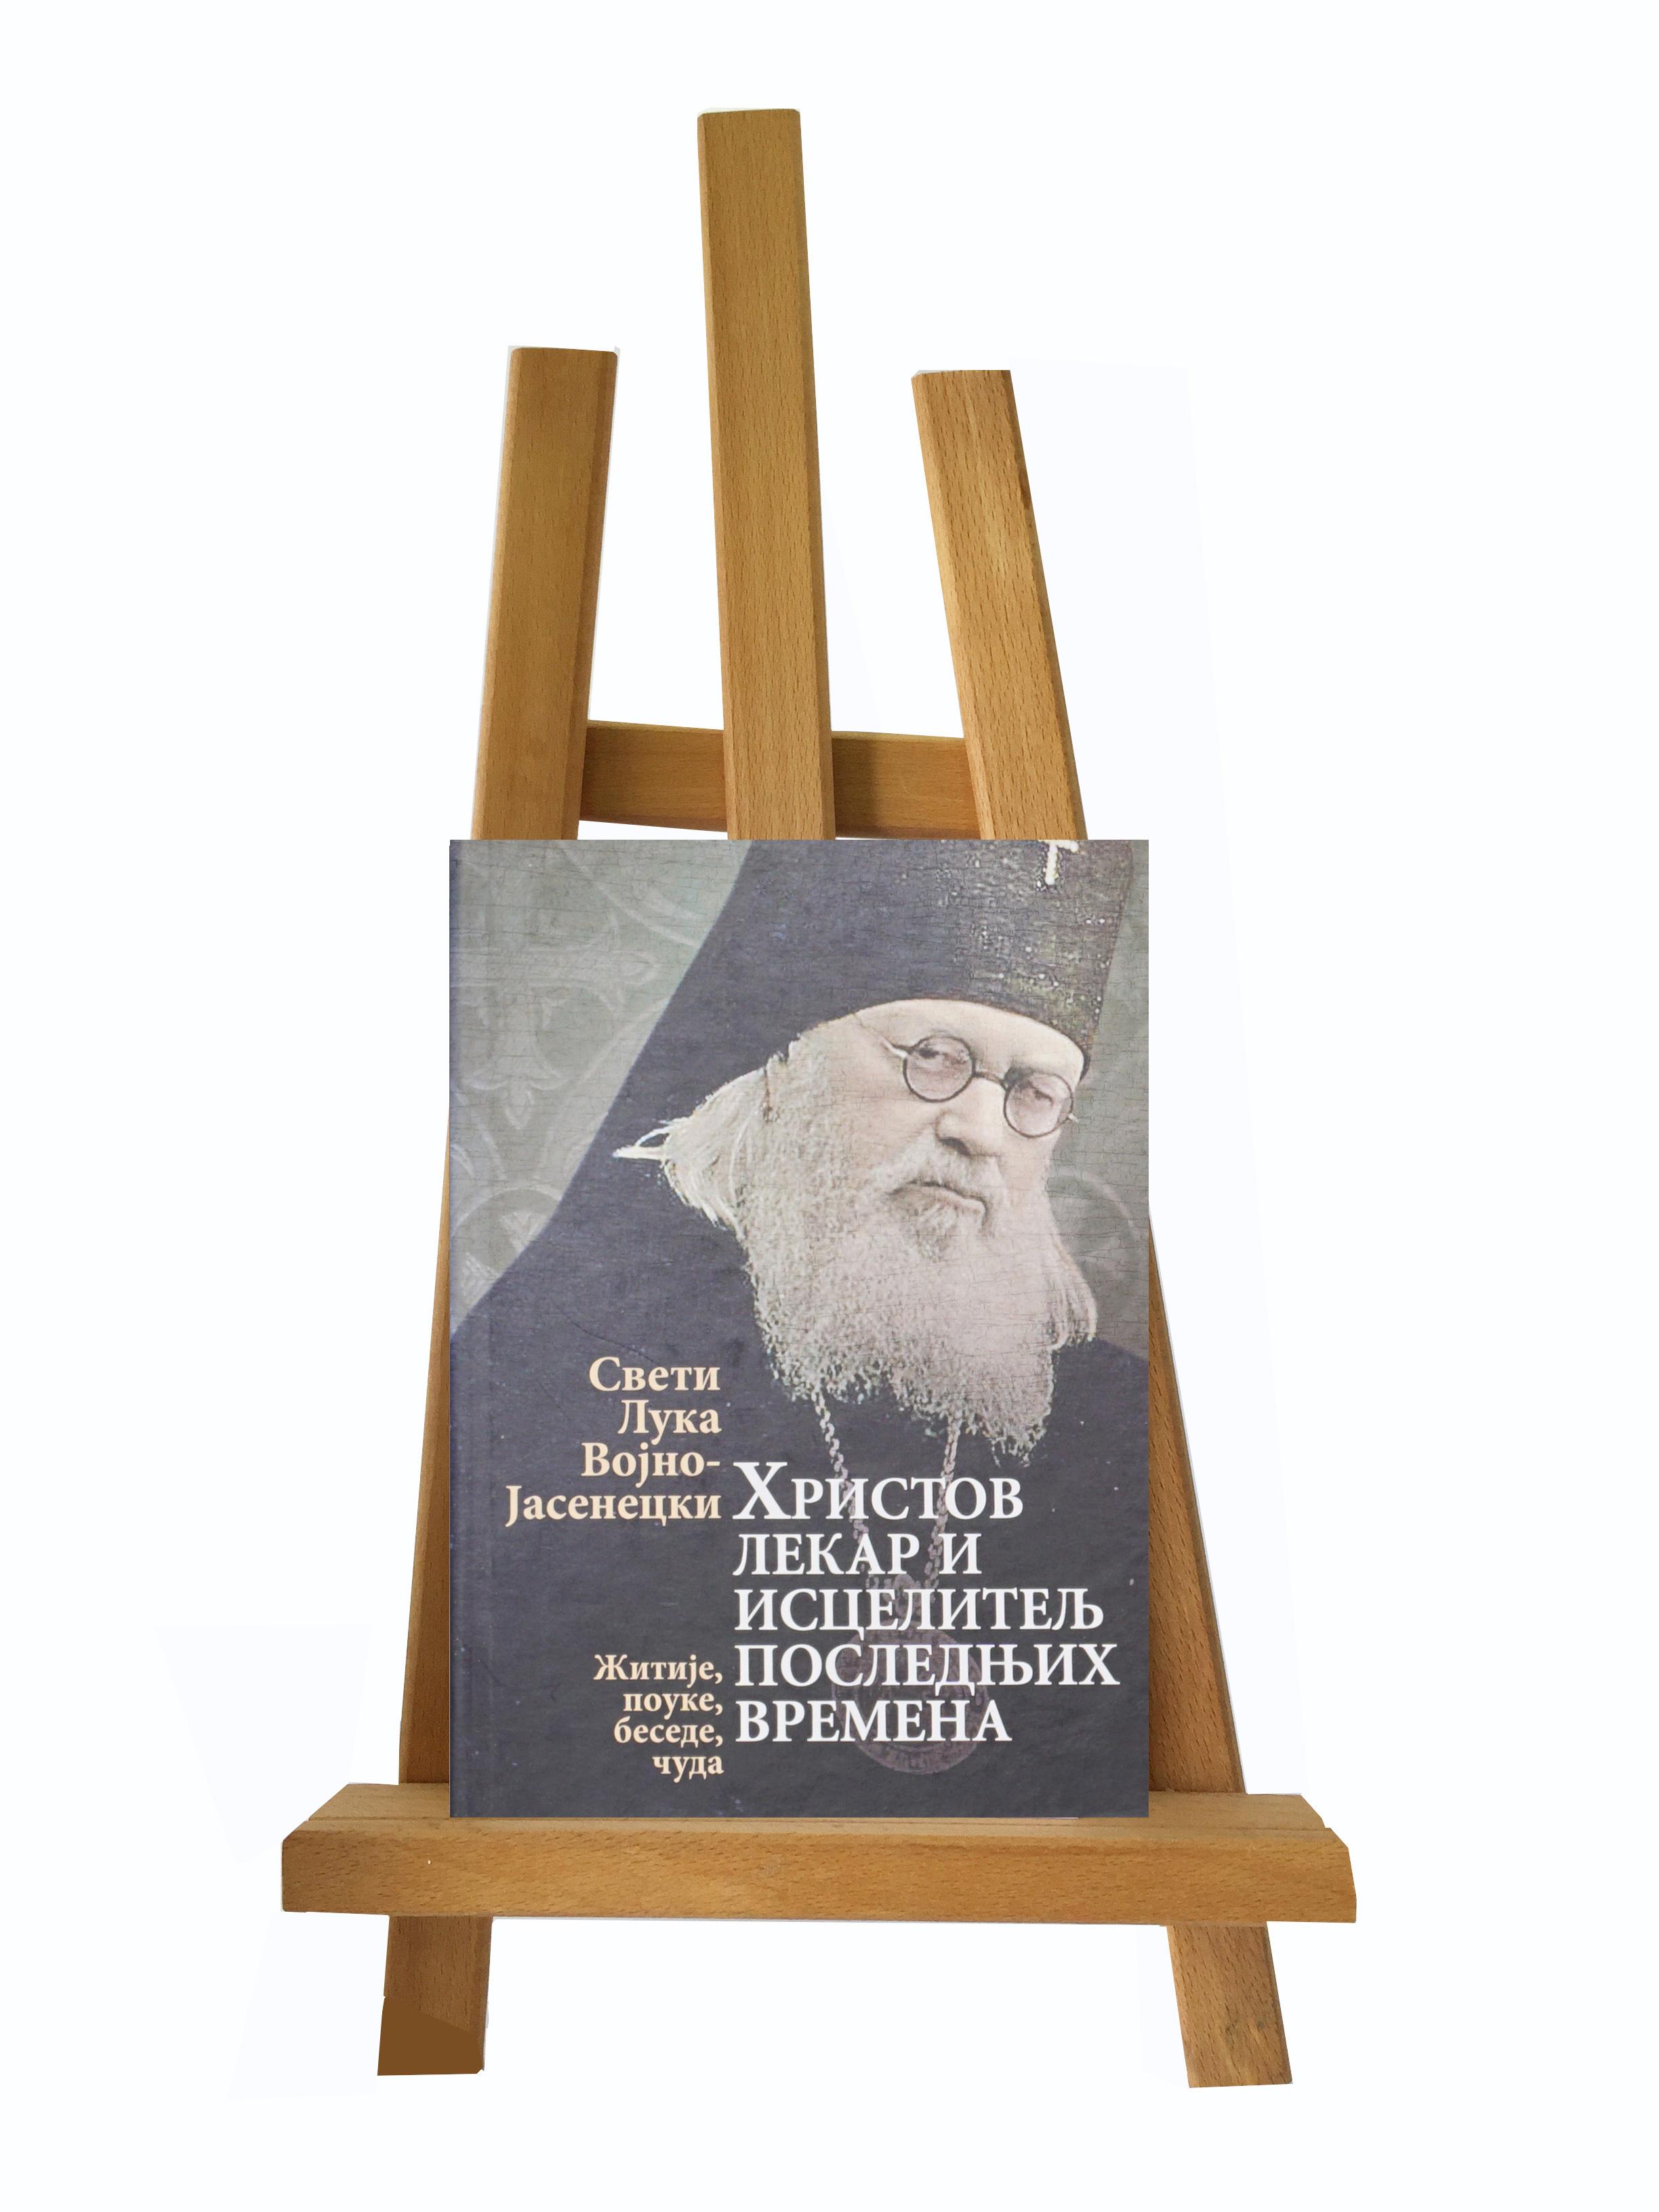 Hristov lekar i iscelitelj poslednjih vremena, Sveti Luka Vojno-Jasenecki